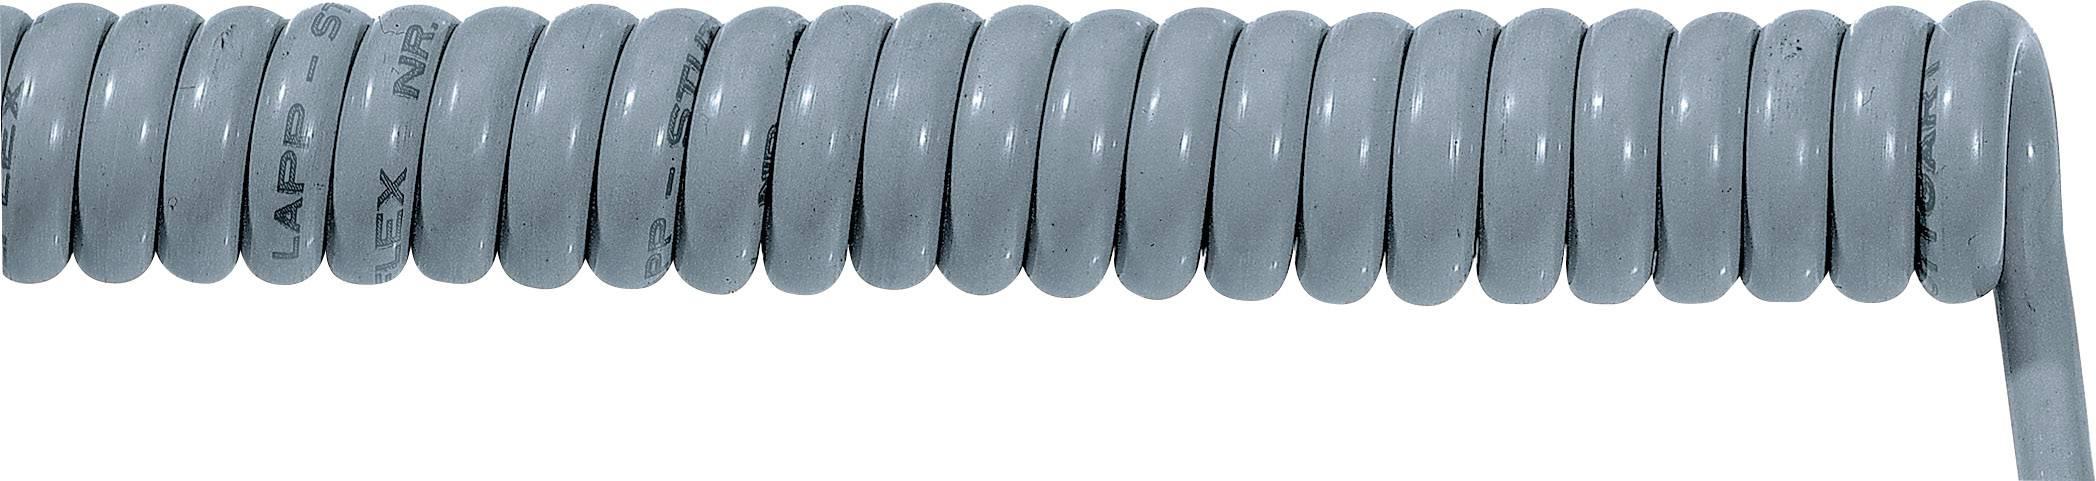 Špirálový kábel 70002642 ÖLFLEX® SPIRAL 400 P 5 x 0.75 mm², 1500 mm / 4500 mm, sivá